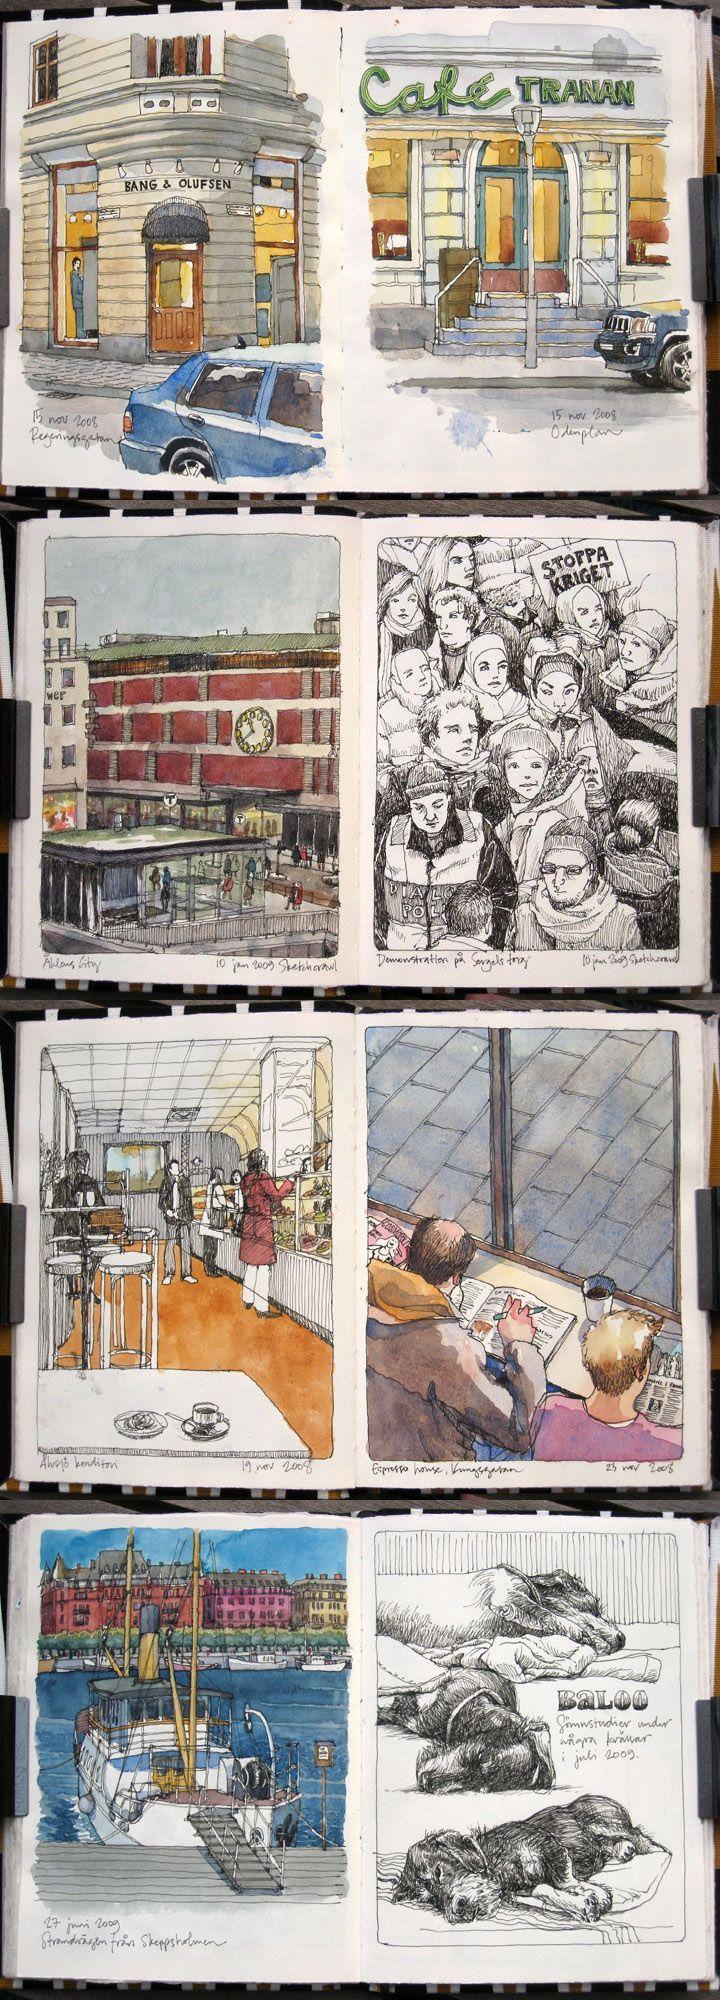 Nina Johansson #sketchbook http://www.ninajohansson.se/sketchbooks/patterned-book-nov-2008/: